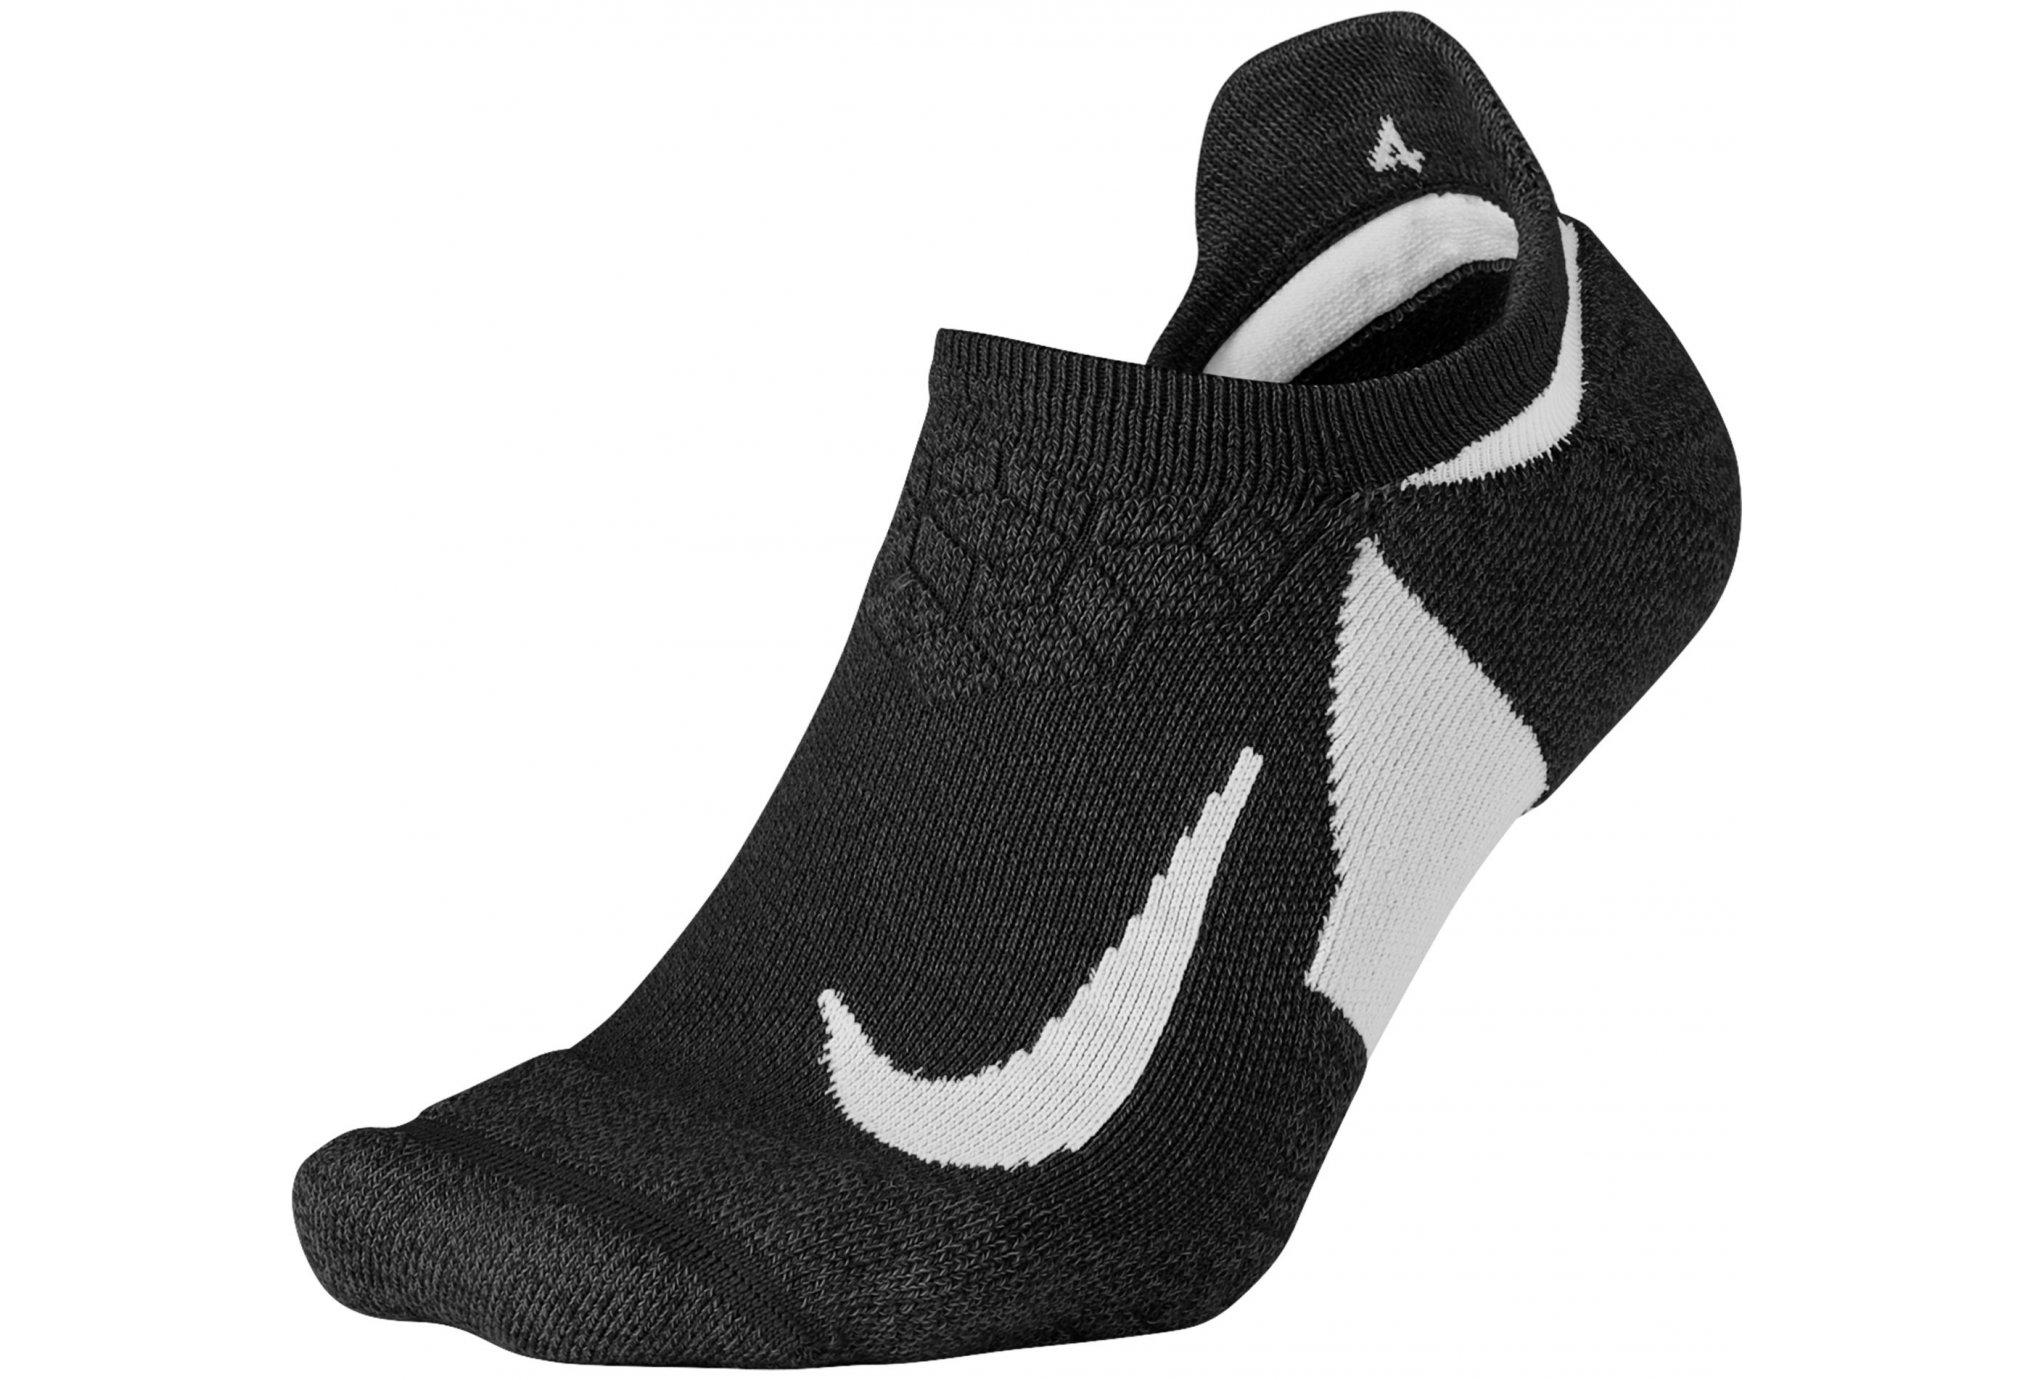 Nike Elite Cushion No Show Diététique Accessoires